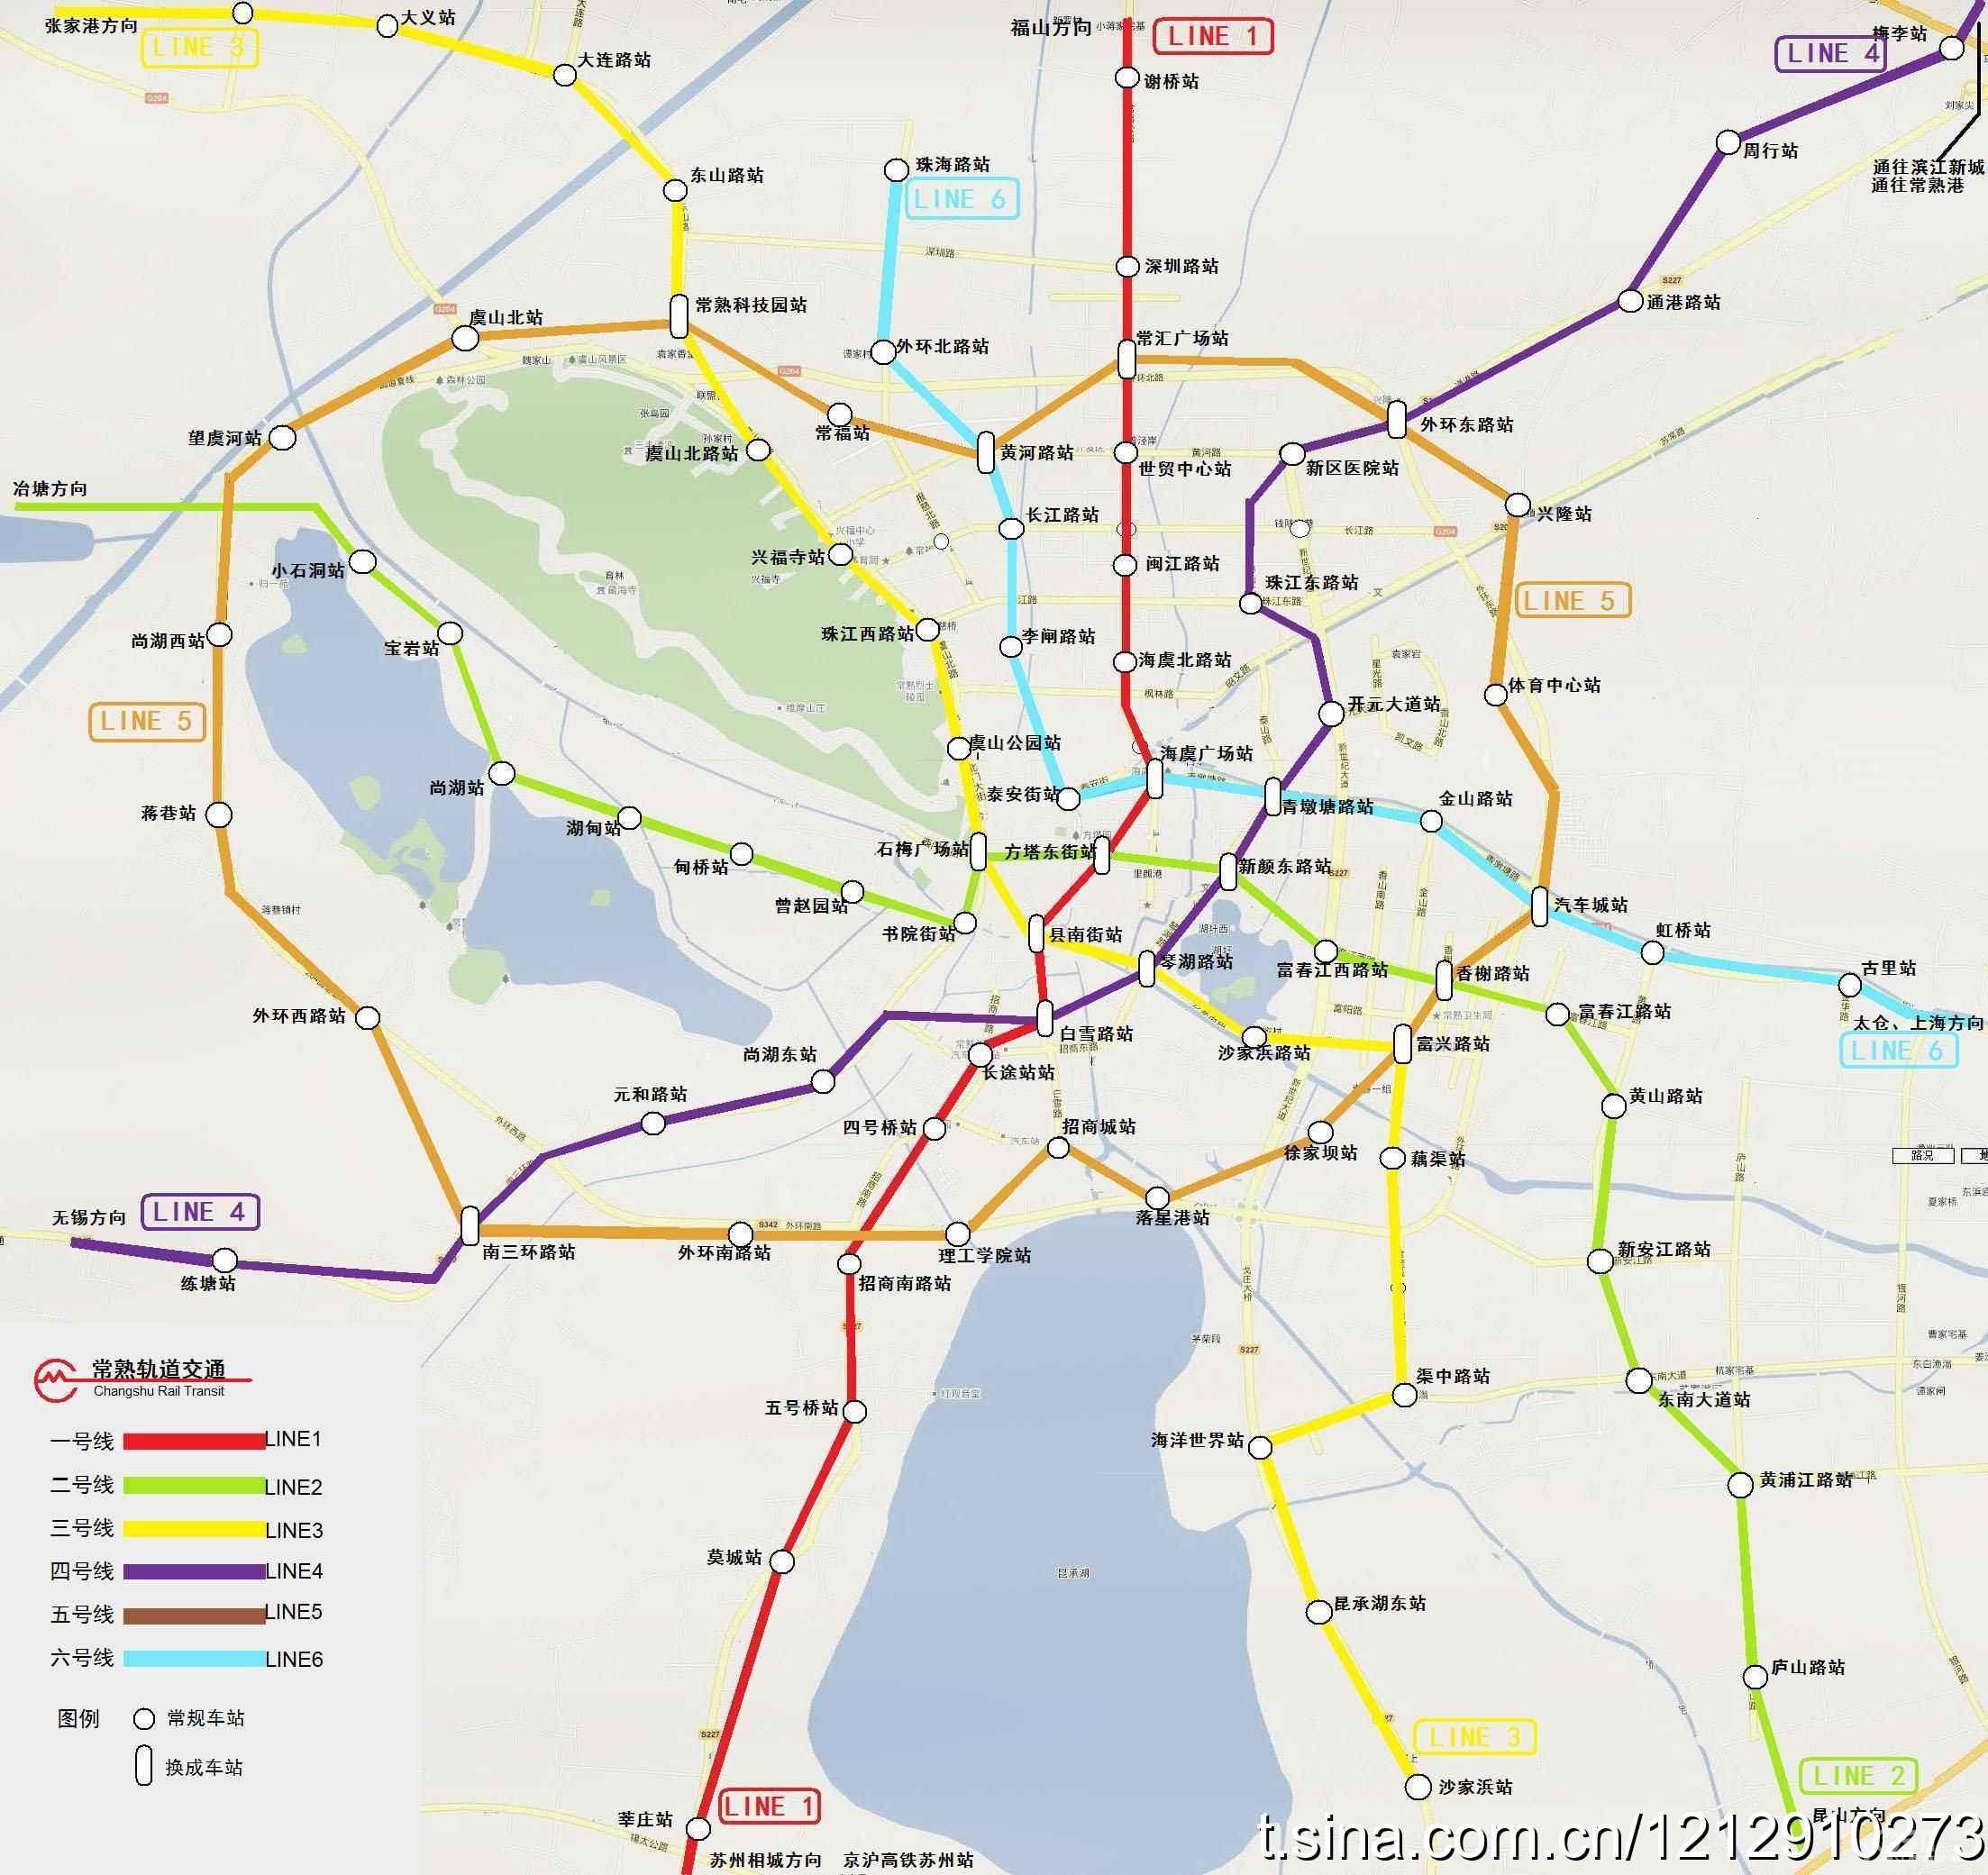 江苏省各市地铁规划图